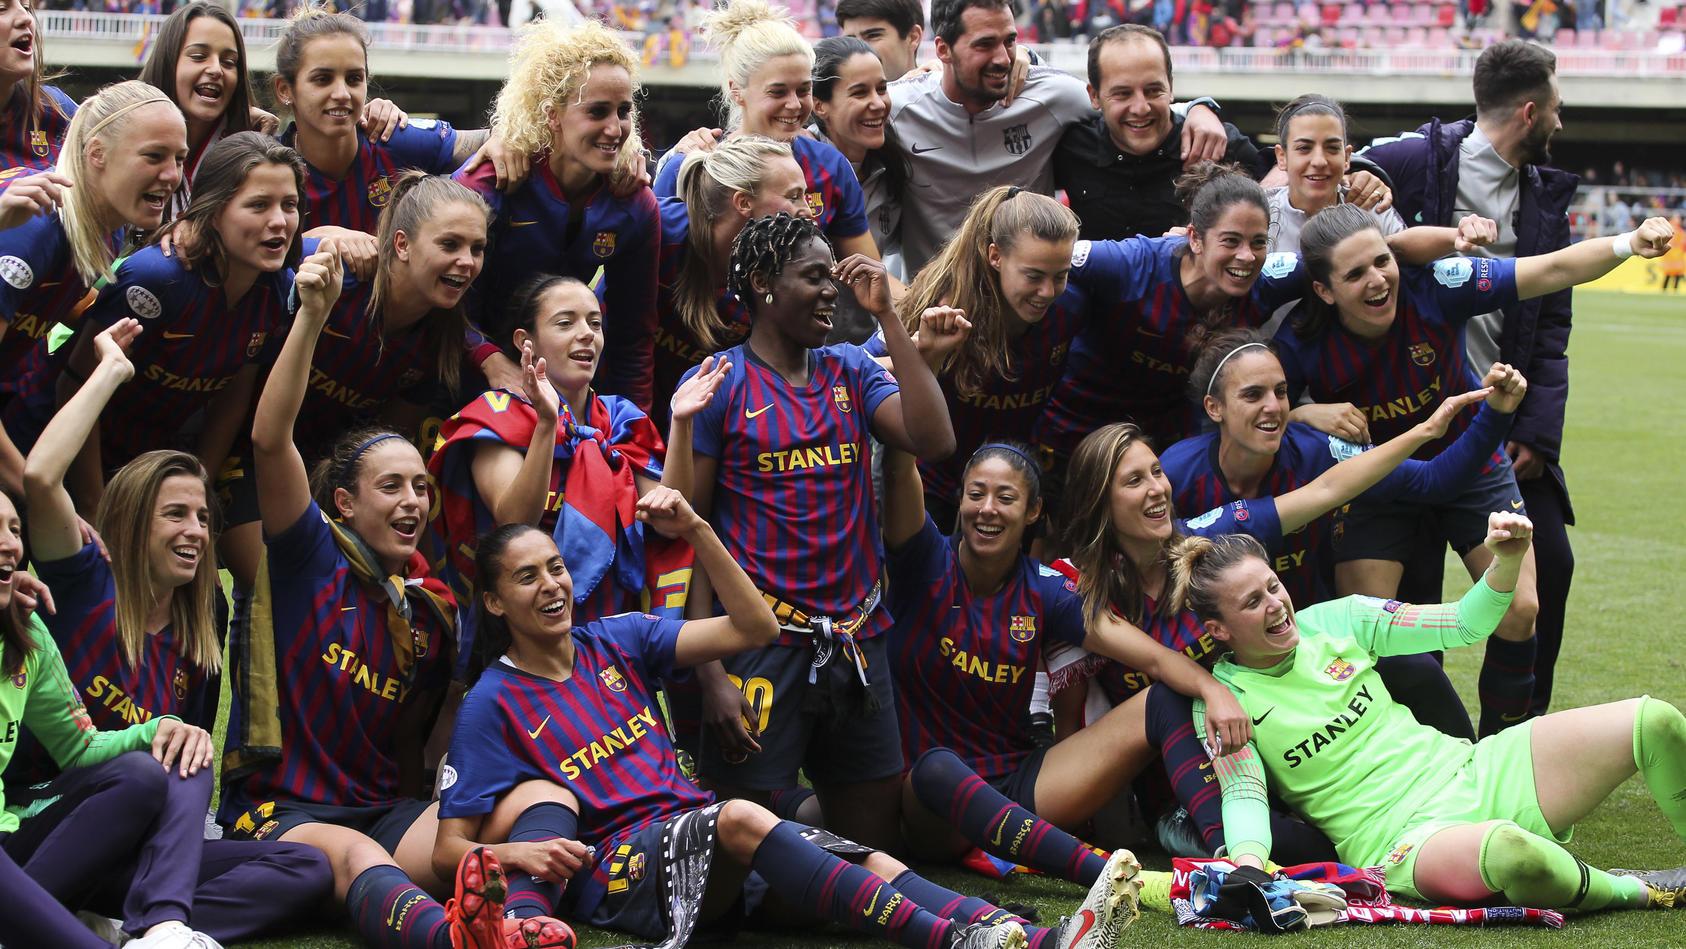 Spaniens Fußballerinnen erreichen «historischen» Tarifvertrag